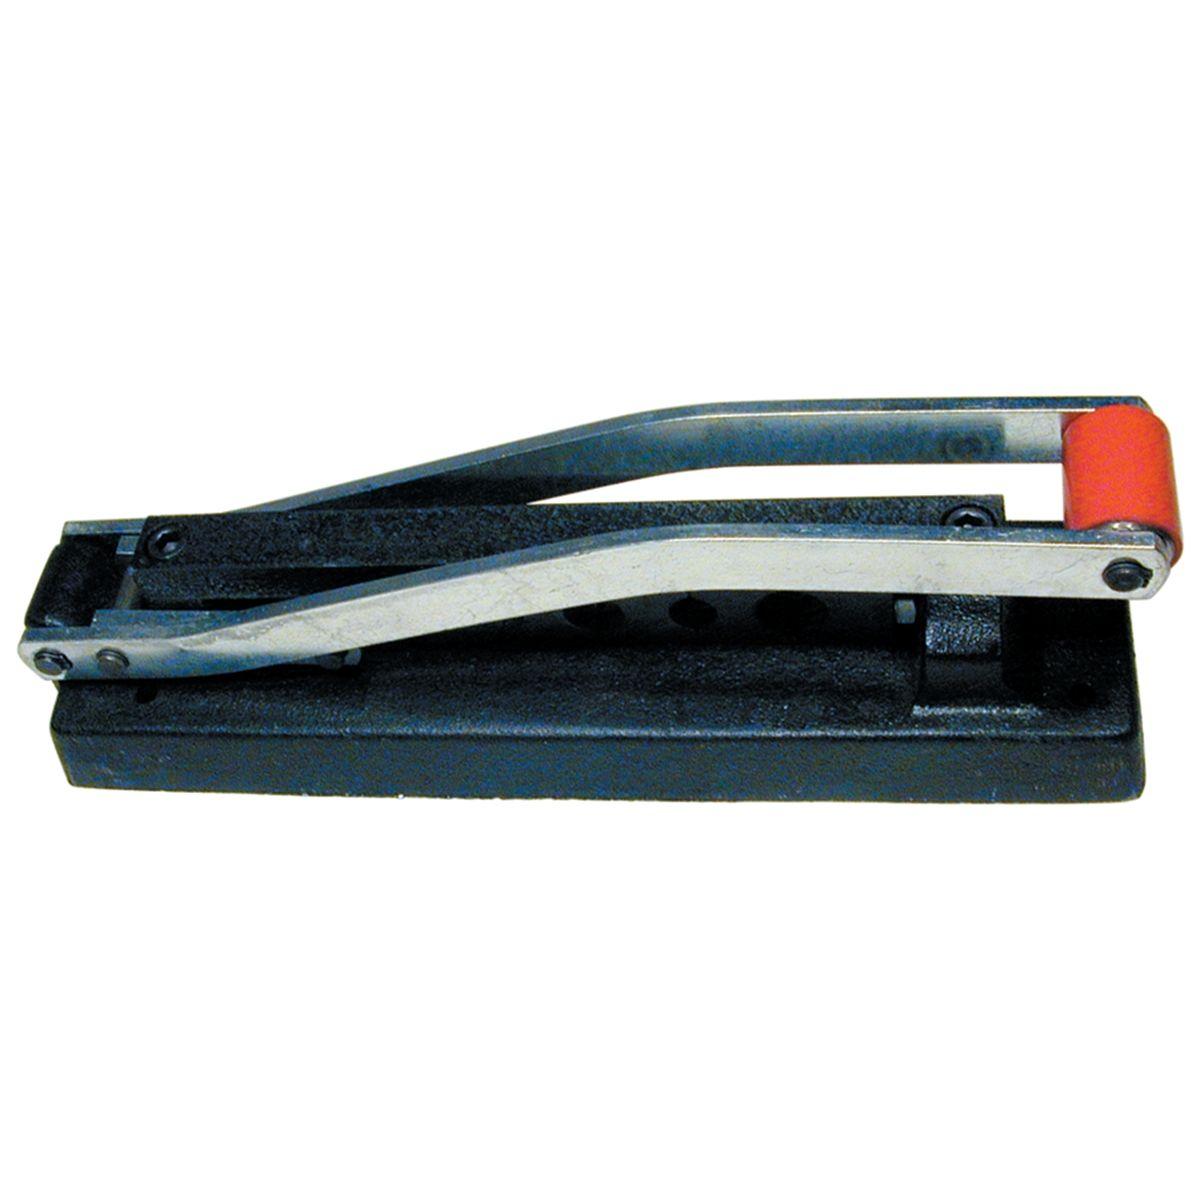 standard hose crimper amflo 855. Black Bedroom Furniture Sets. Home Design Ideas